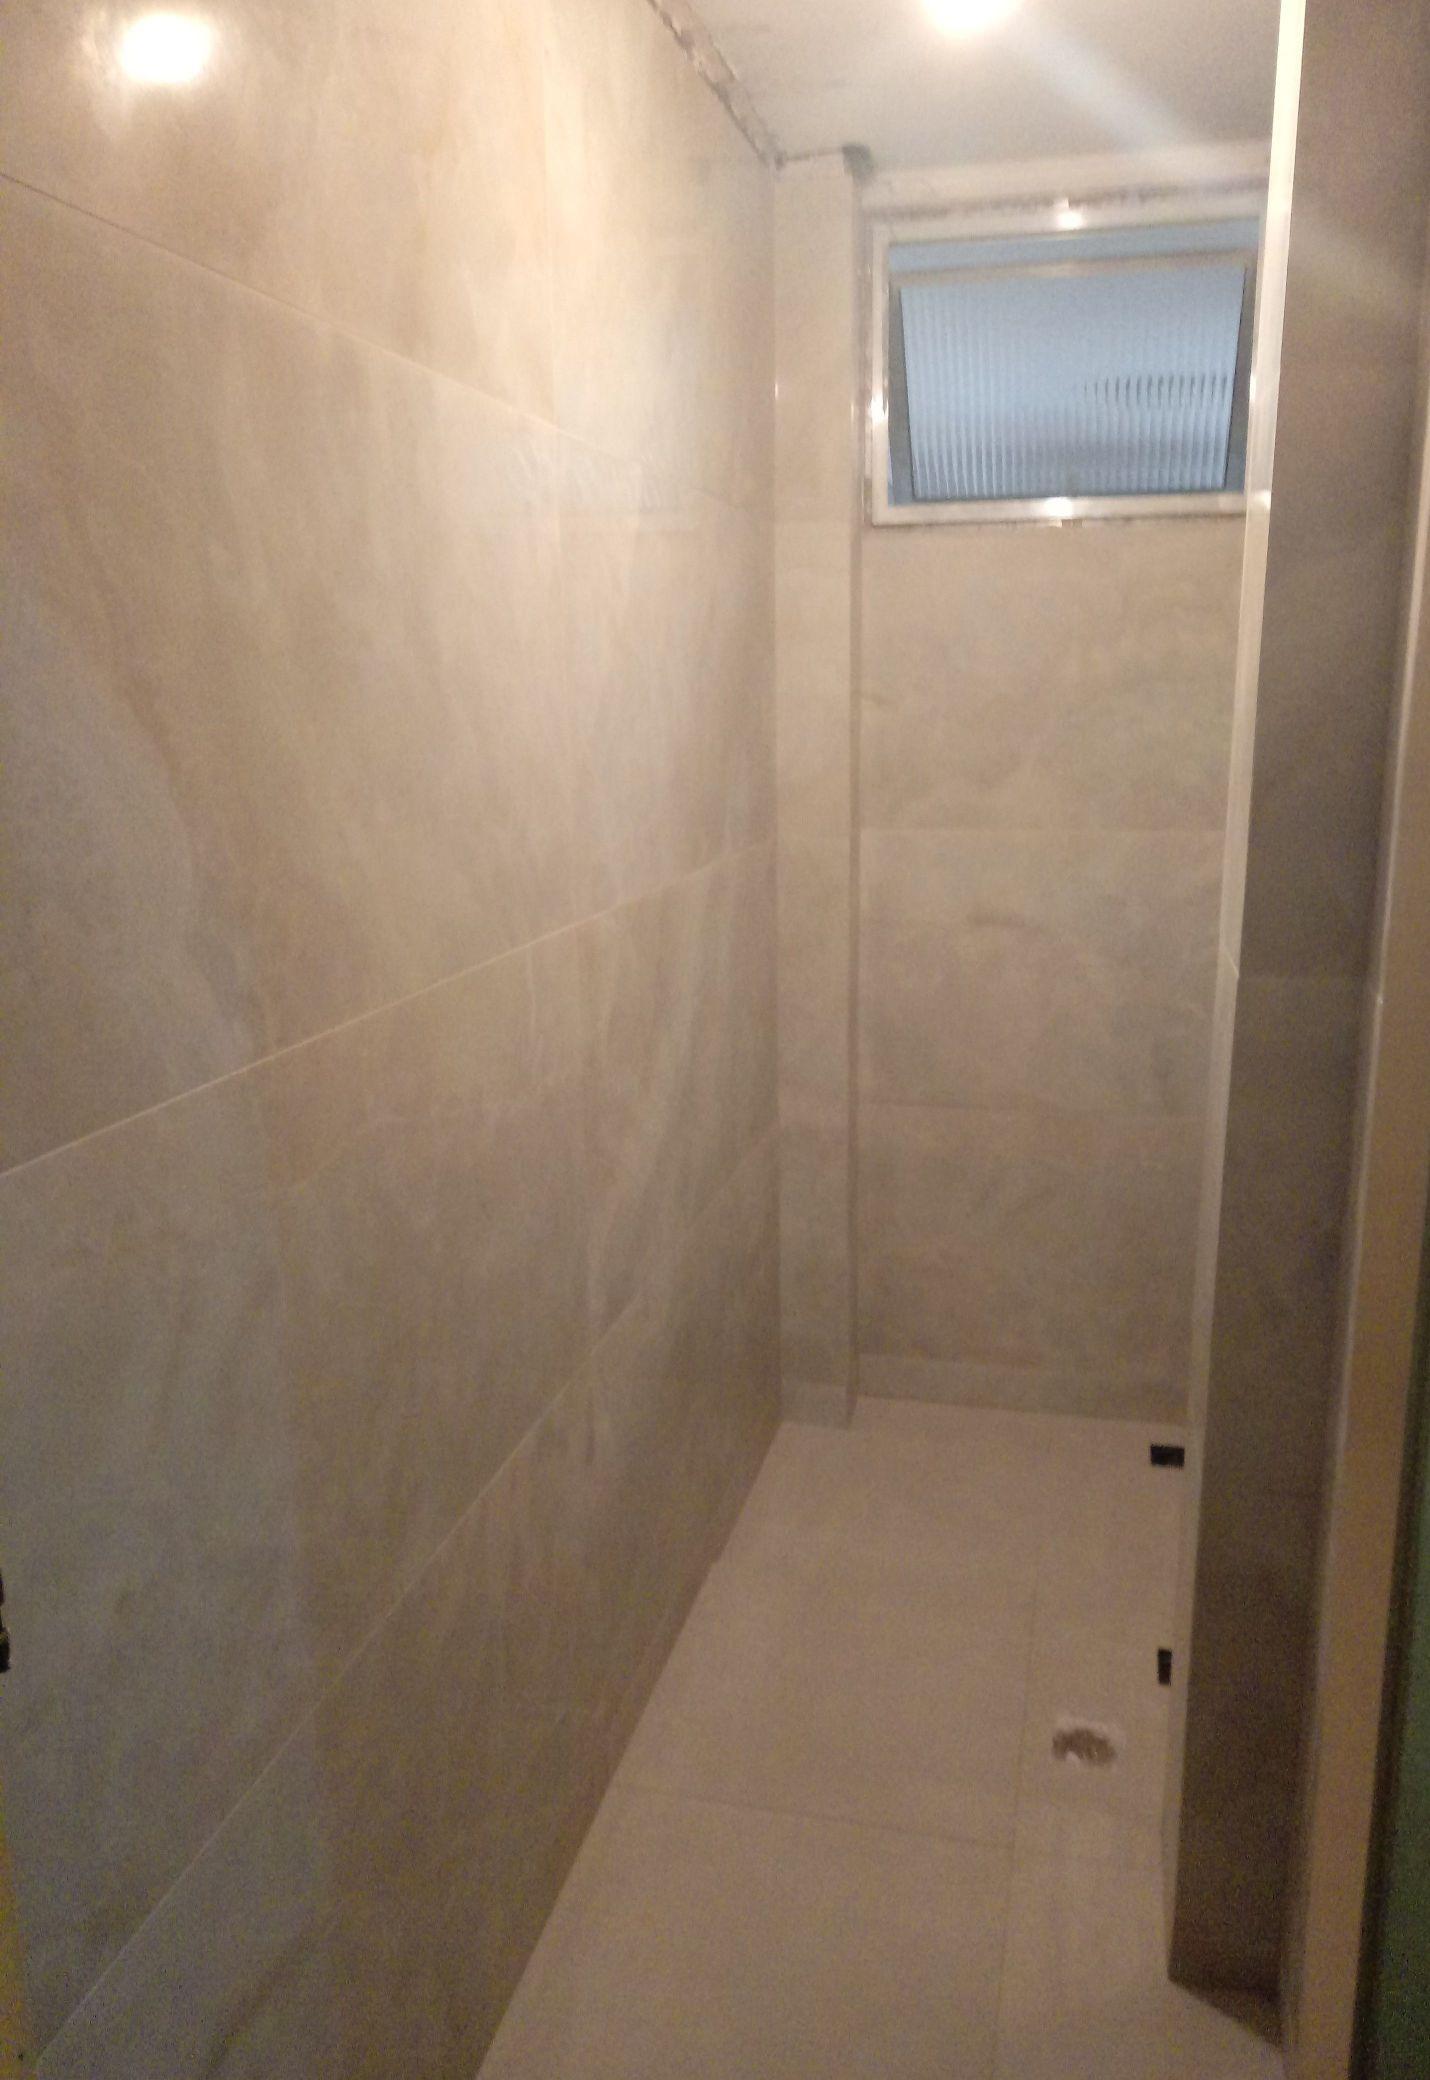 banheiro revestimento Porto Belo 1,20x0,60 m